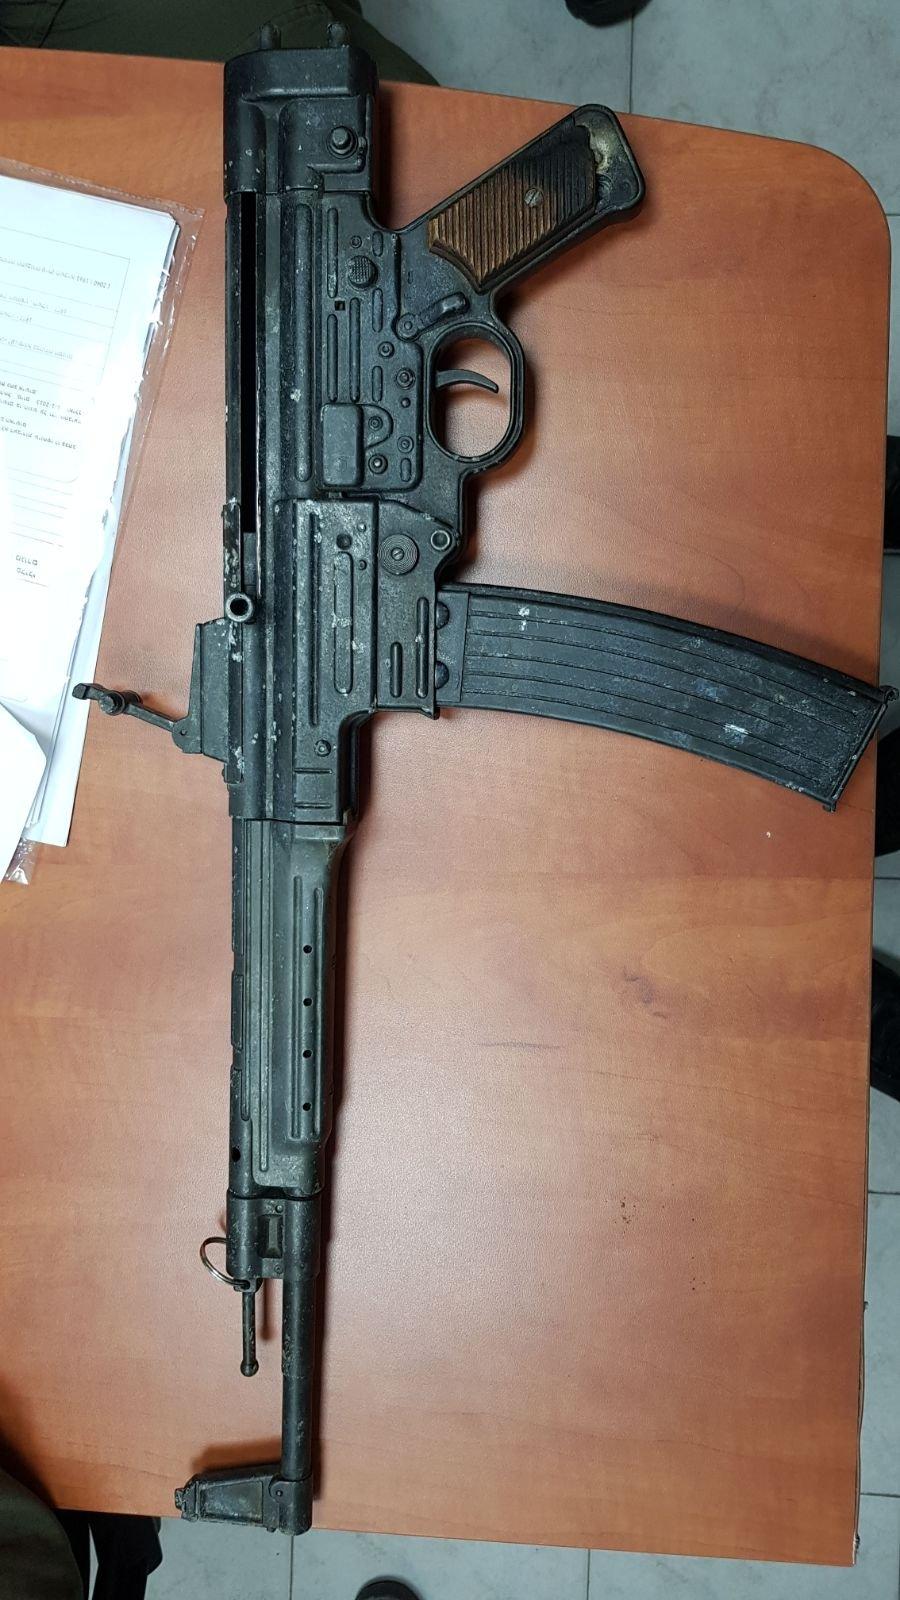 الشرطة تضبطت كمية من السلاح غير مرخص خلال حملة لها في الشمال